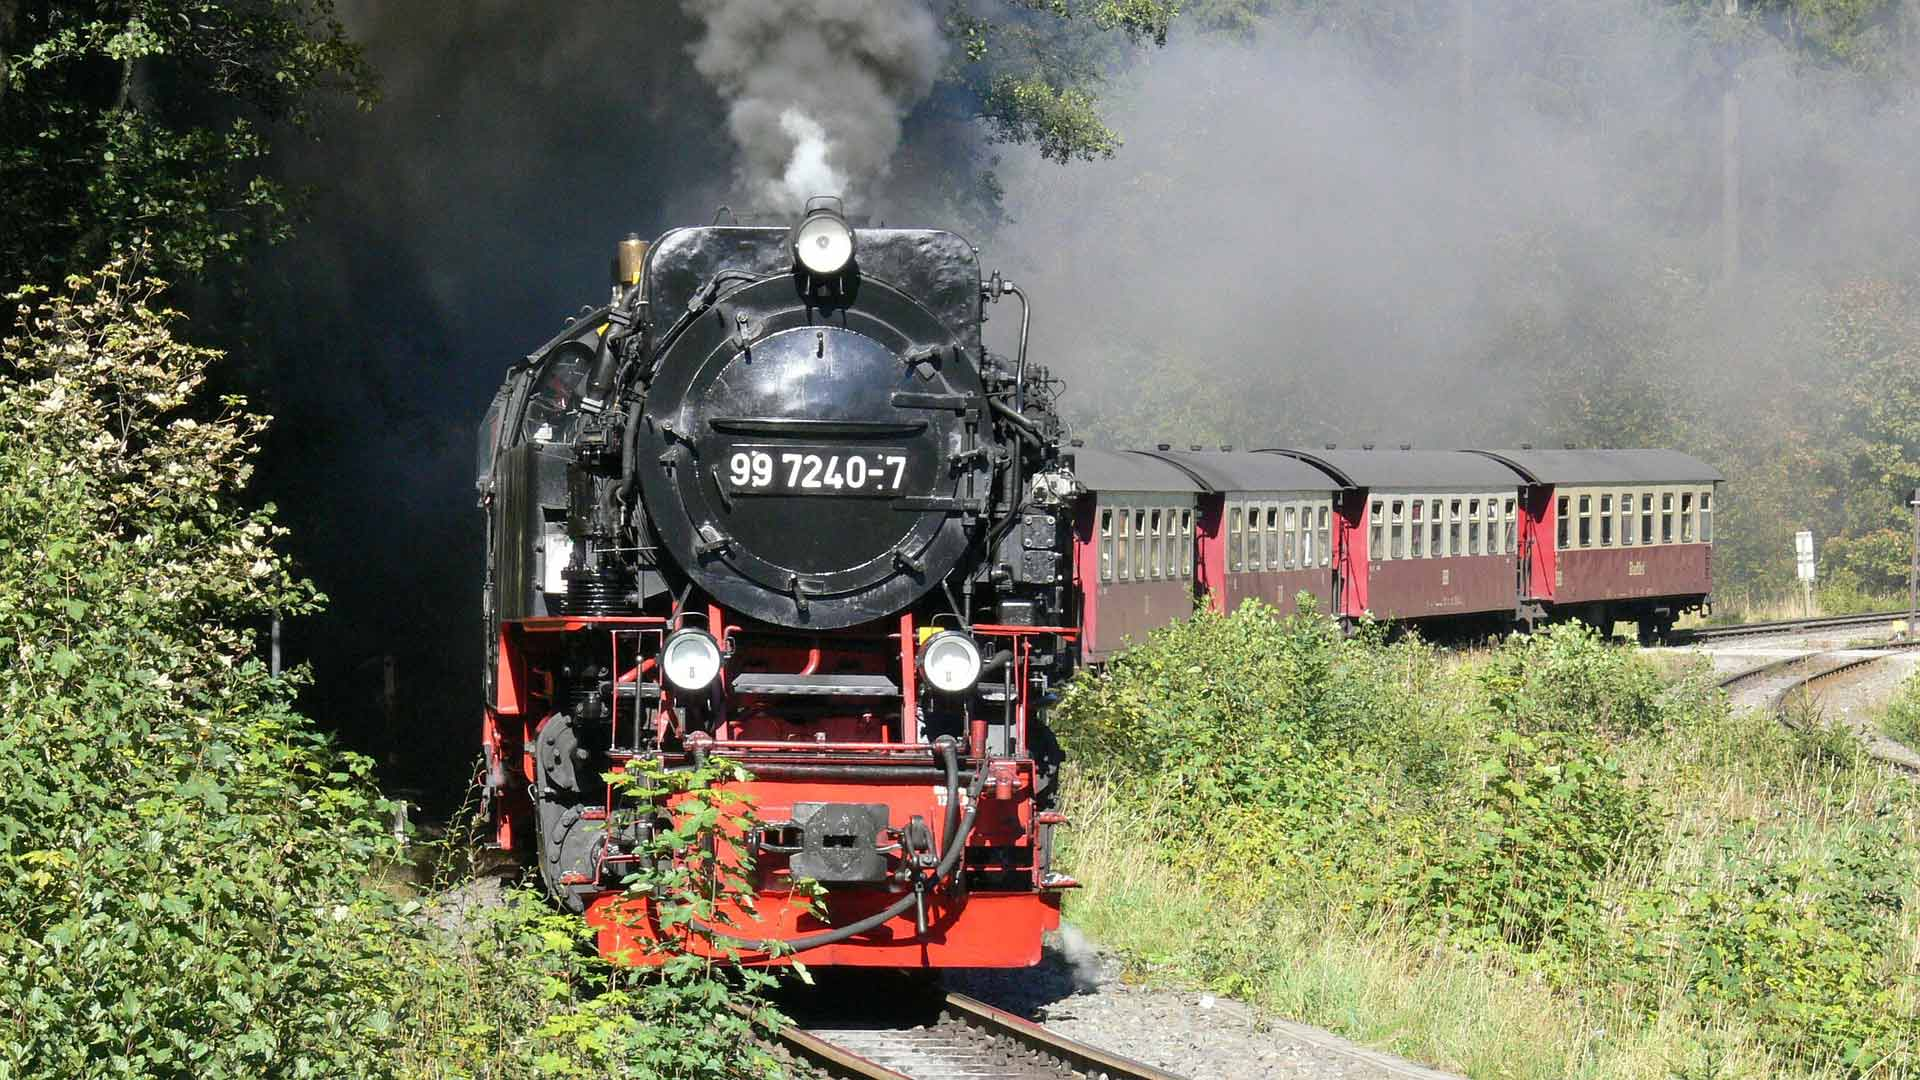 Met de legendarische Brockenbahn kun je omhoog naar de hoogste berg in Noord-Duitsland.